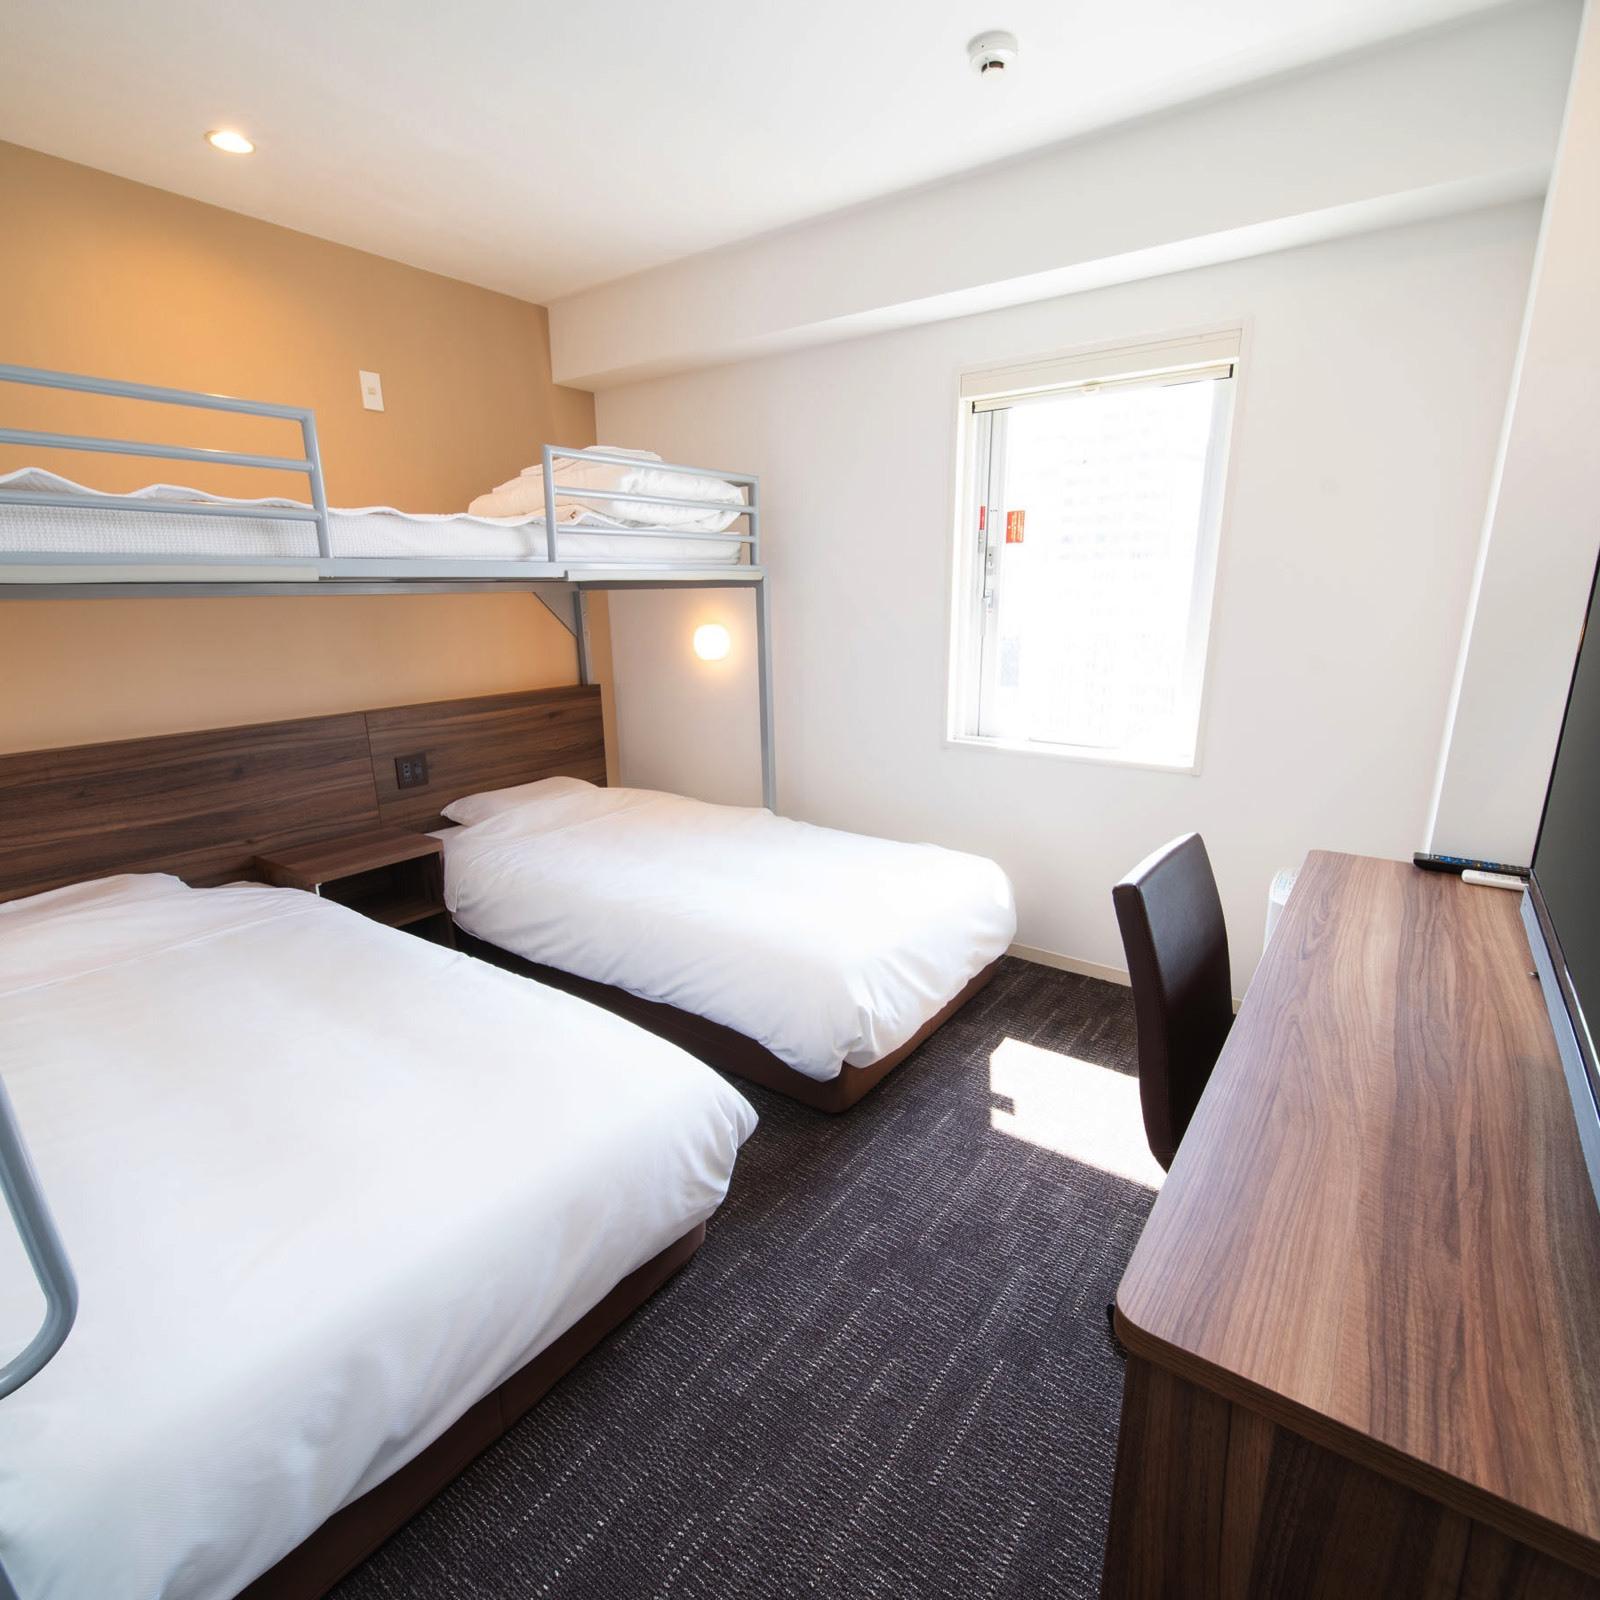 広々としたお部屋にお子様に人気のロフトベッド付きトリプルルーム